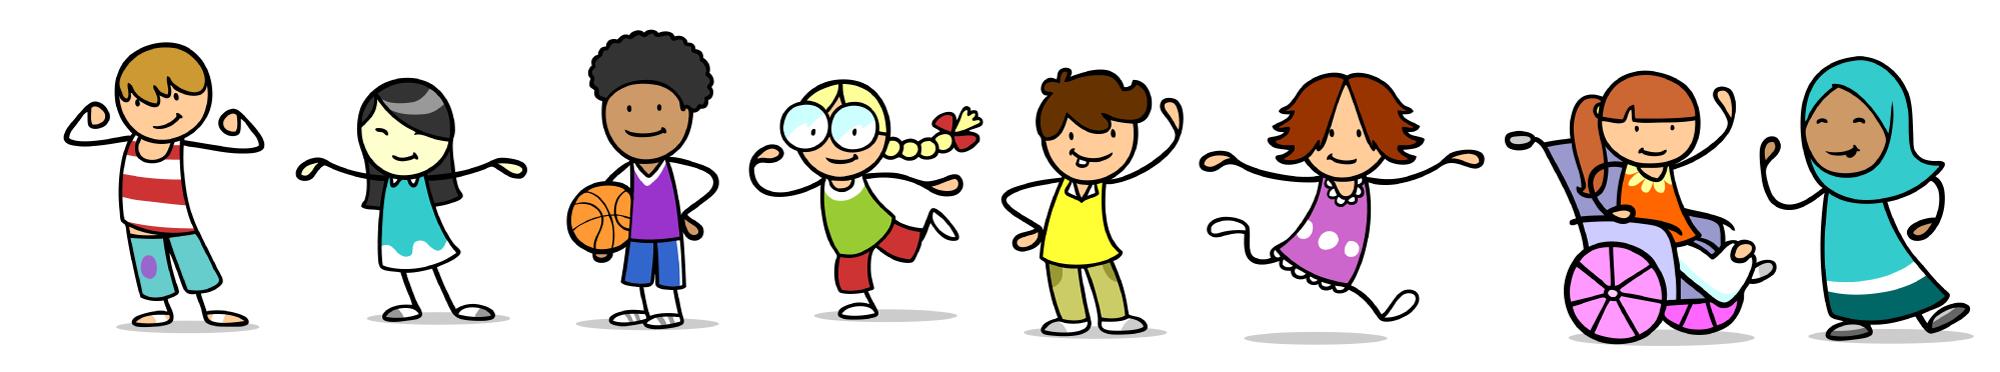 Inclusive Sports for Children